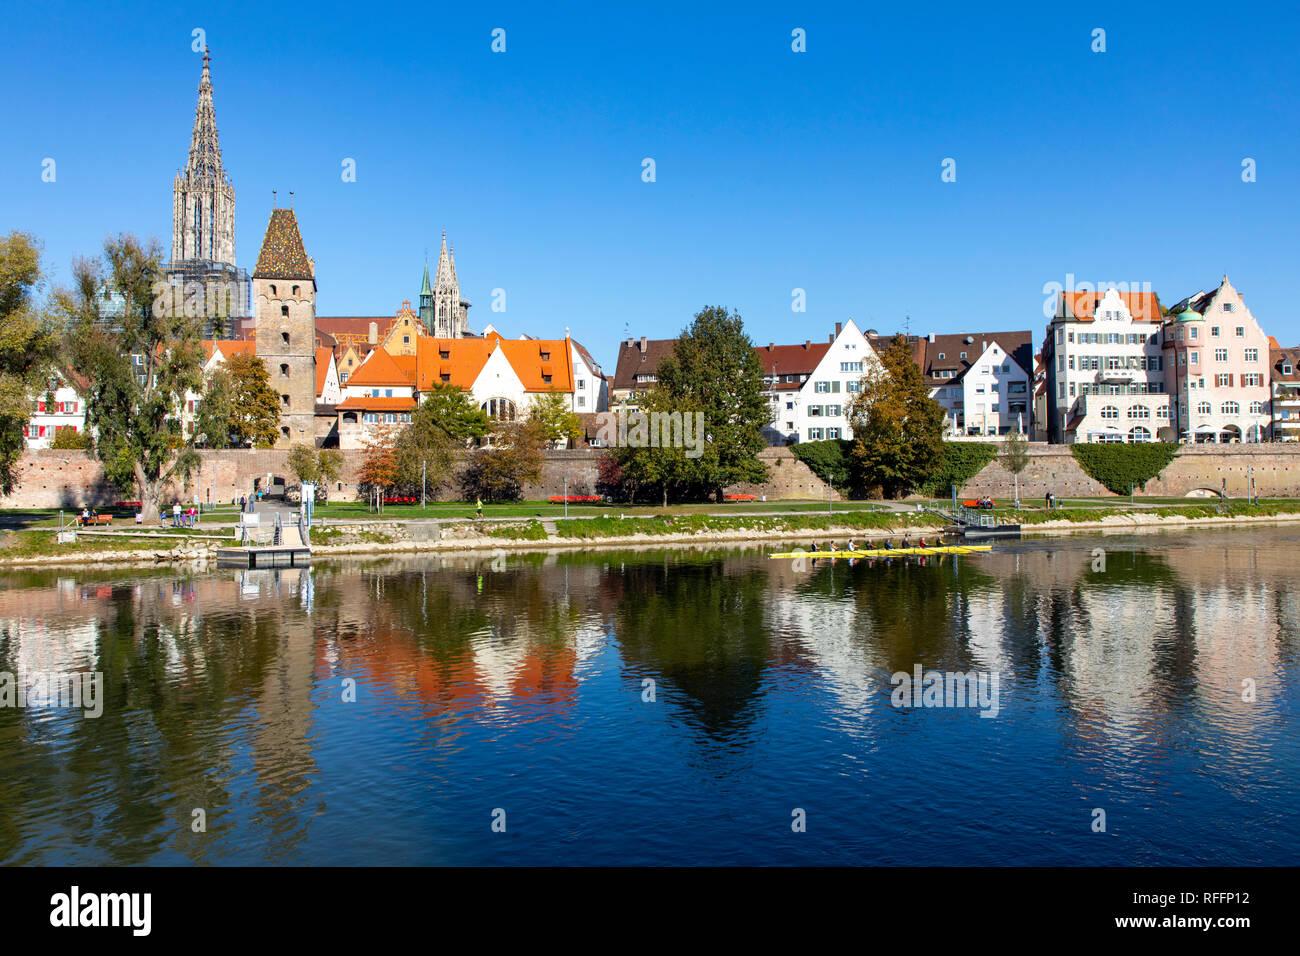 Ulm, Skyline der Altstadt mit dem Ulmer Münster, Metzgerturm, Teil der Stadtbefestigung, Stadtmauer, Donau, Stock Photo